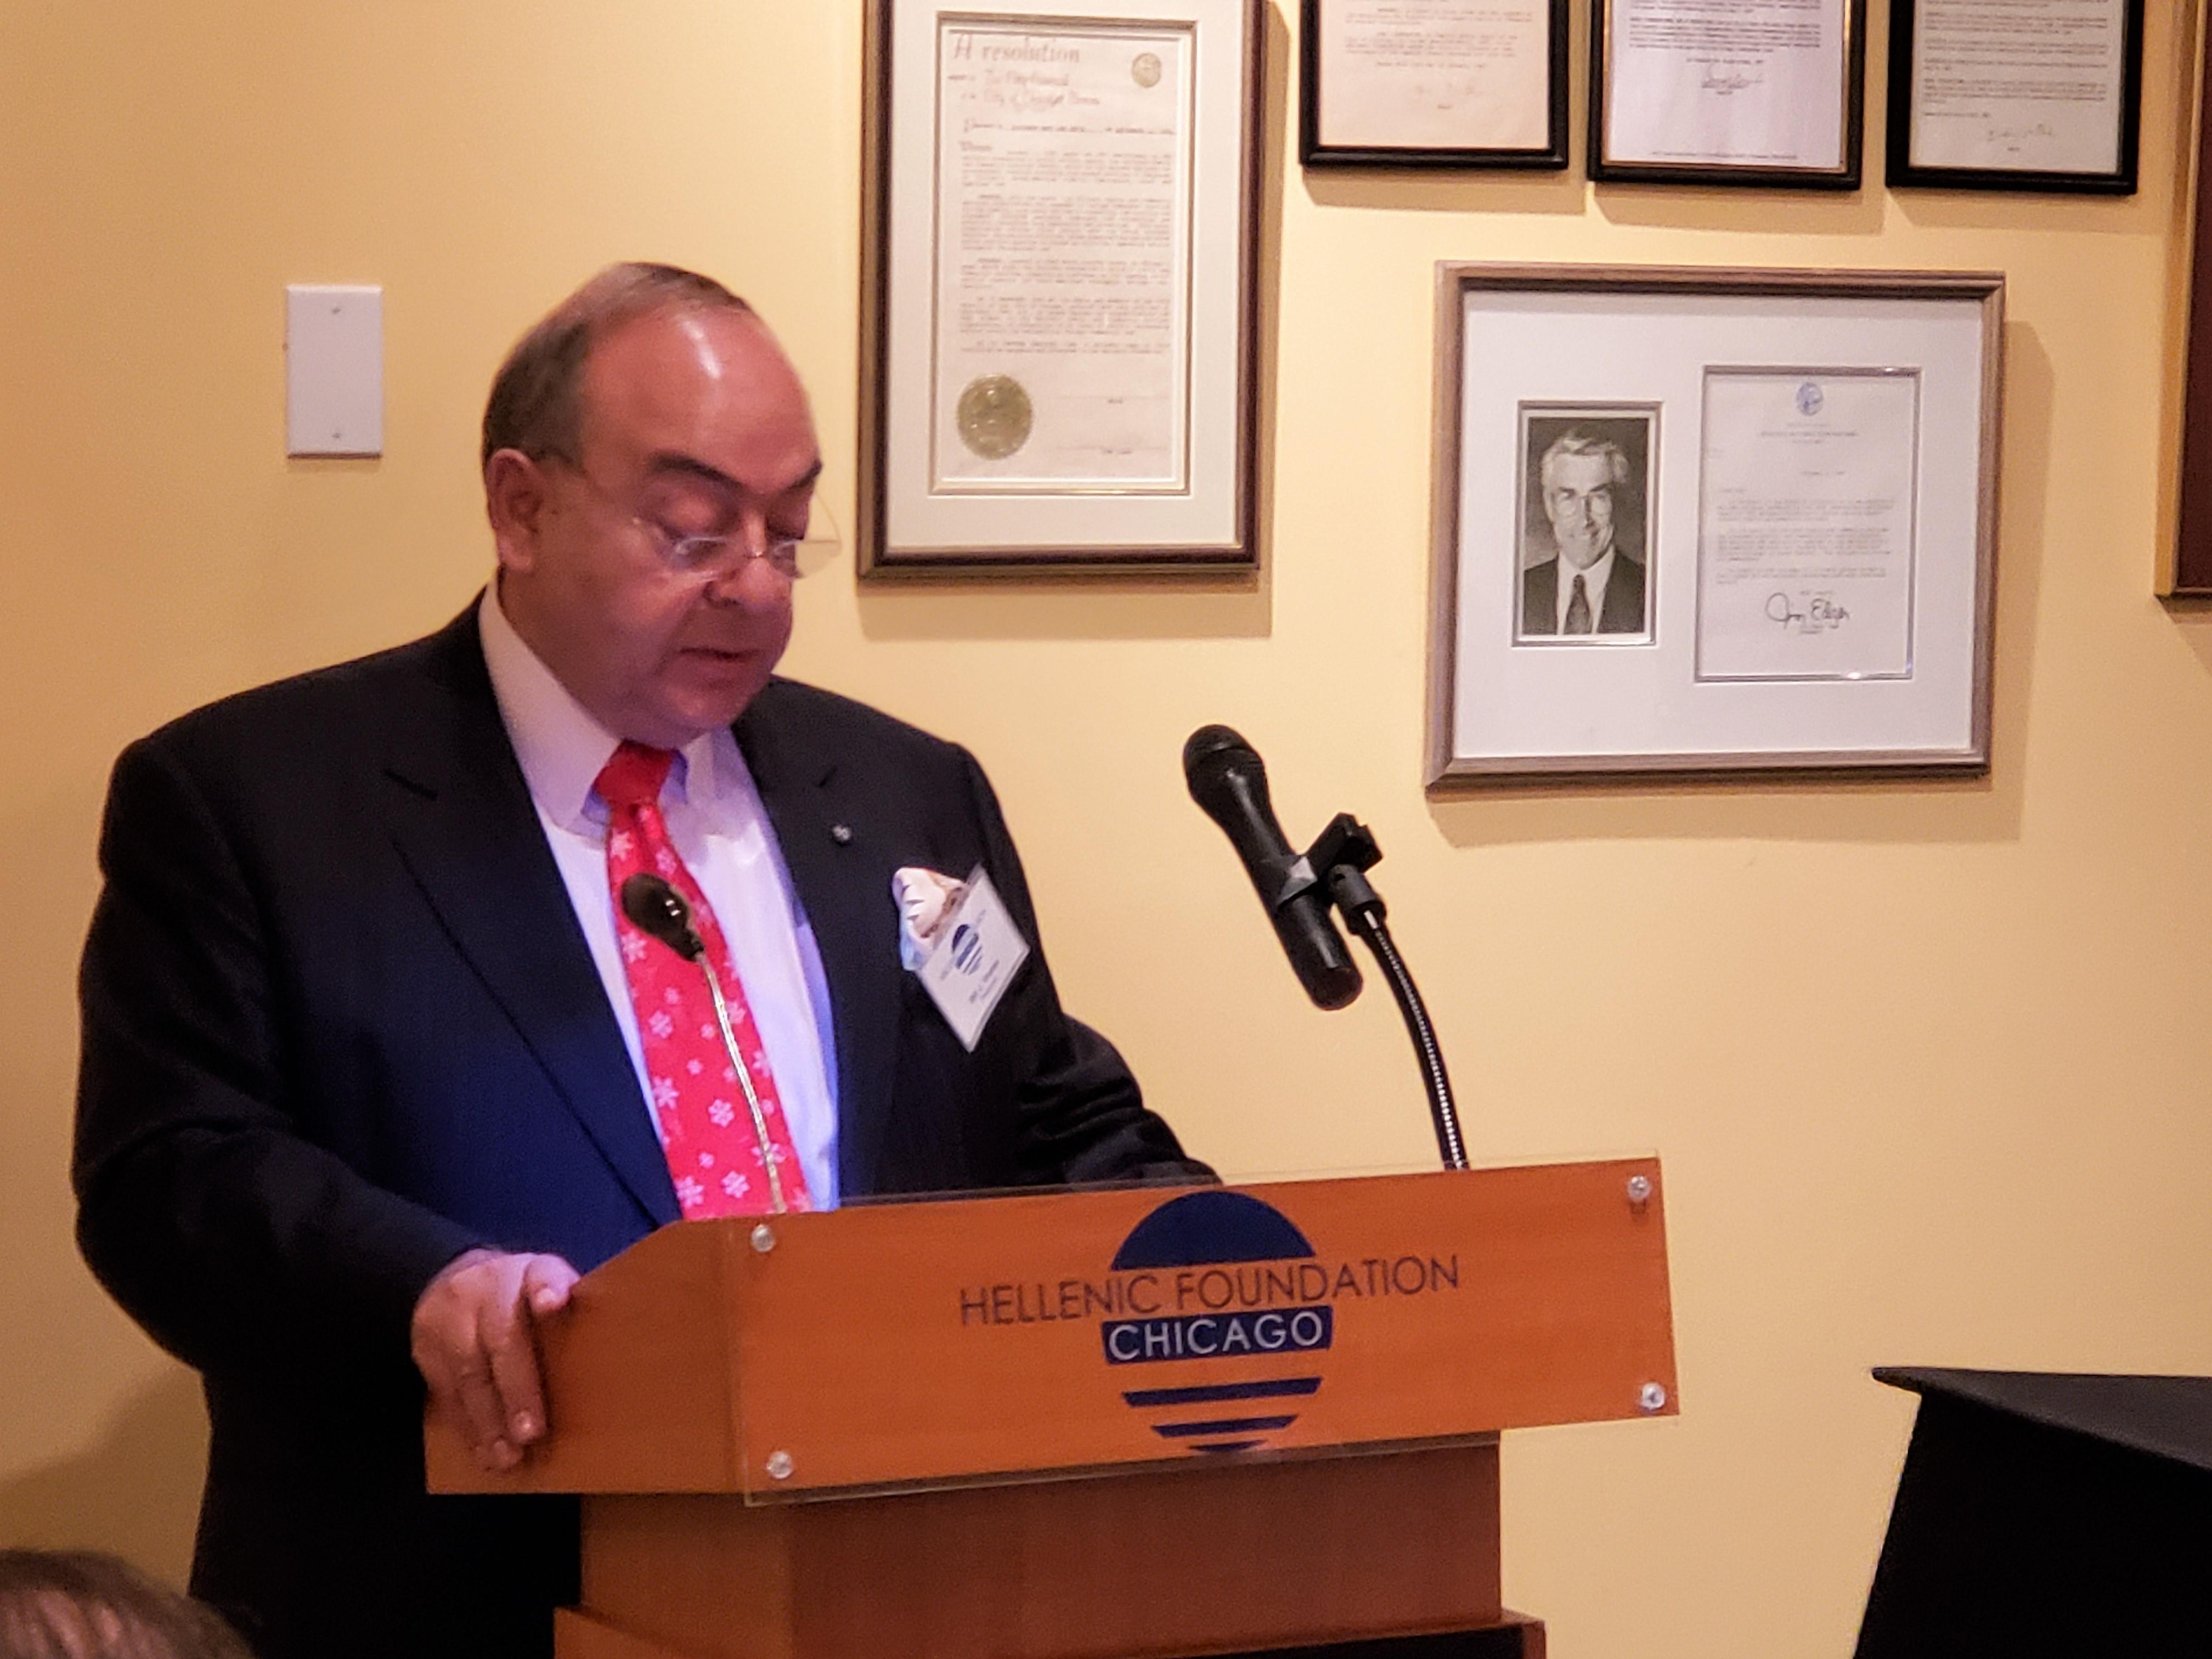 Bill J. Vranas, Treasurer